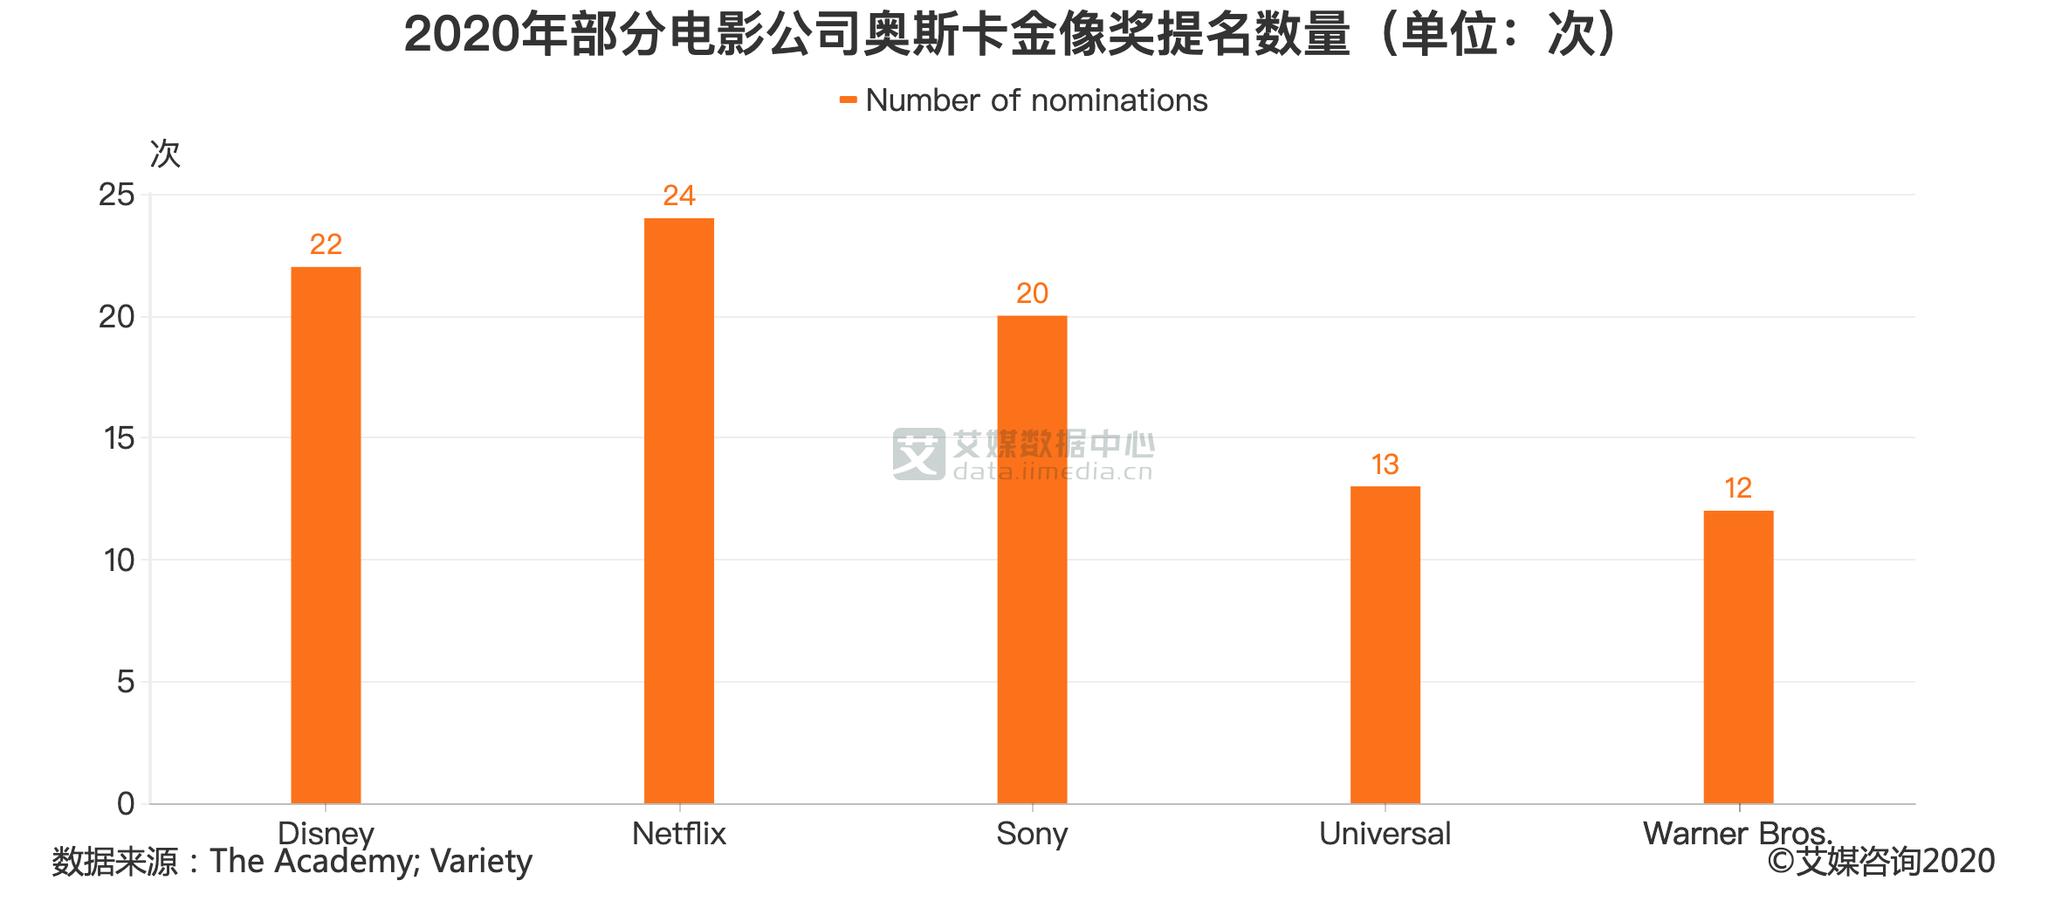 流媒体行业数据分析:2020年Netflix获24项奥斯卡金像奖提名